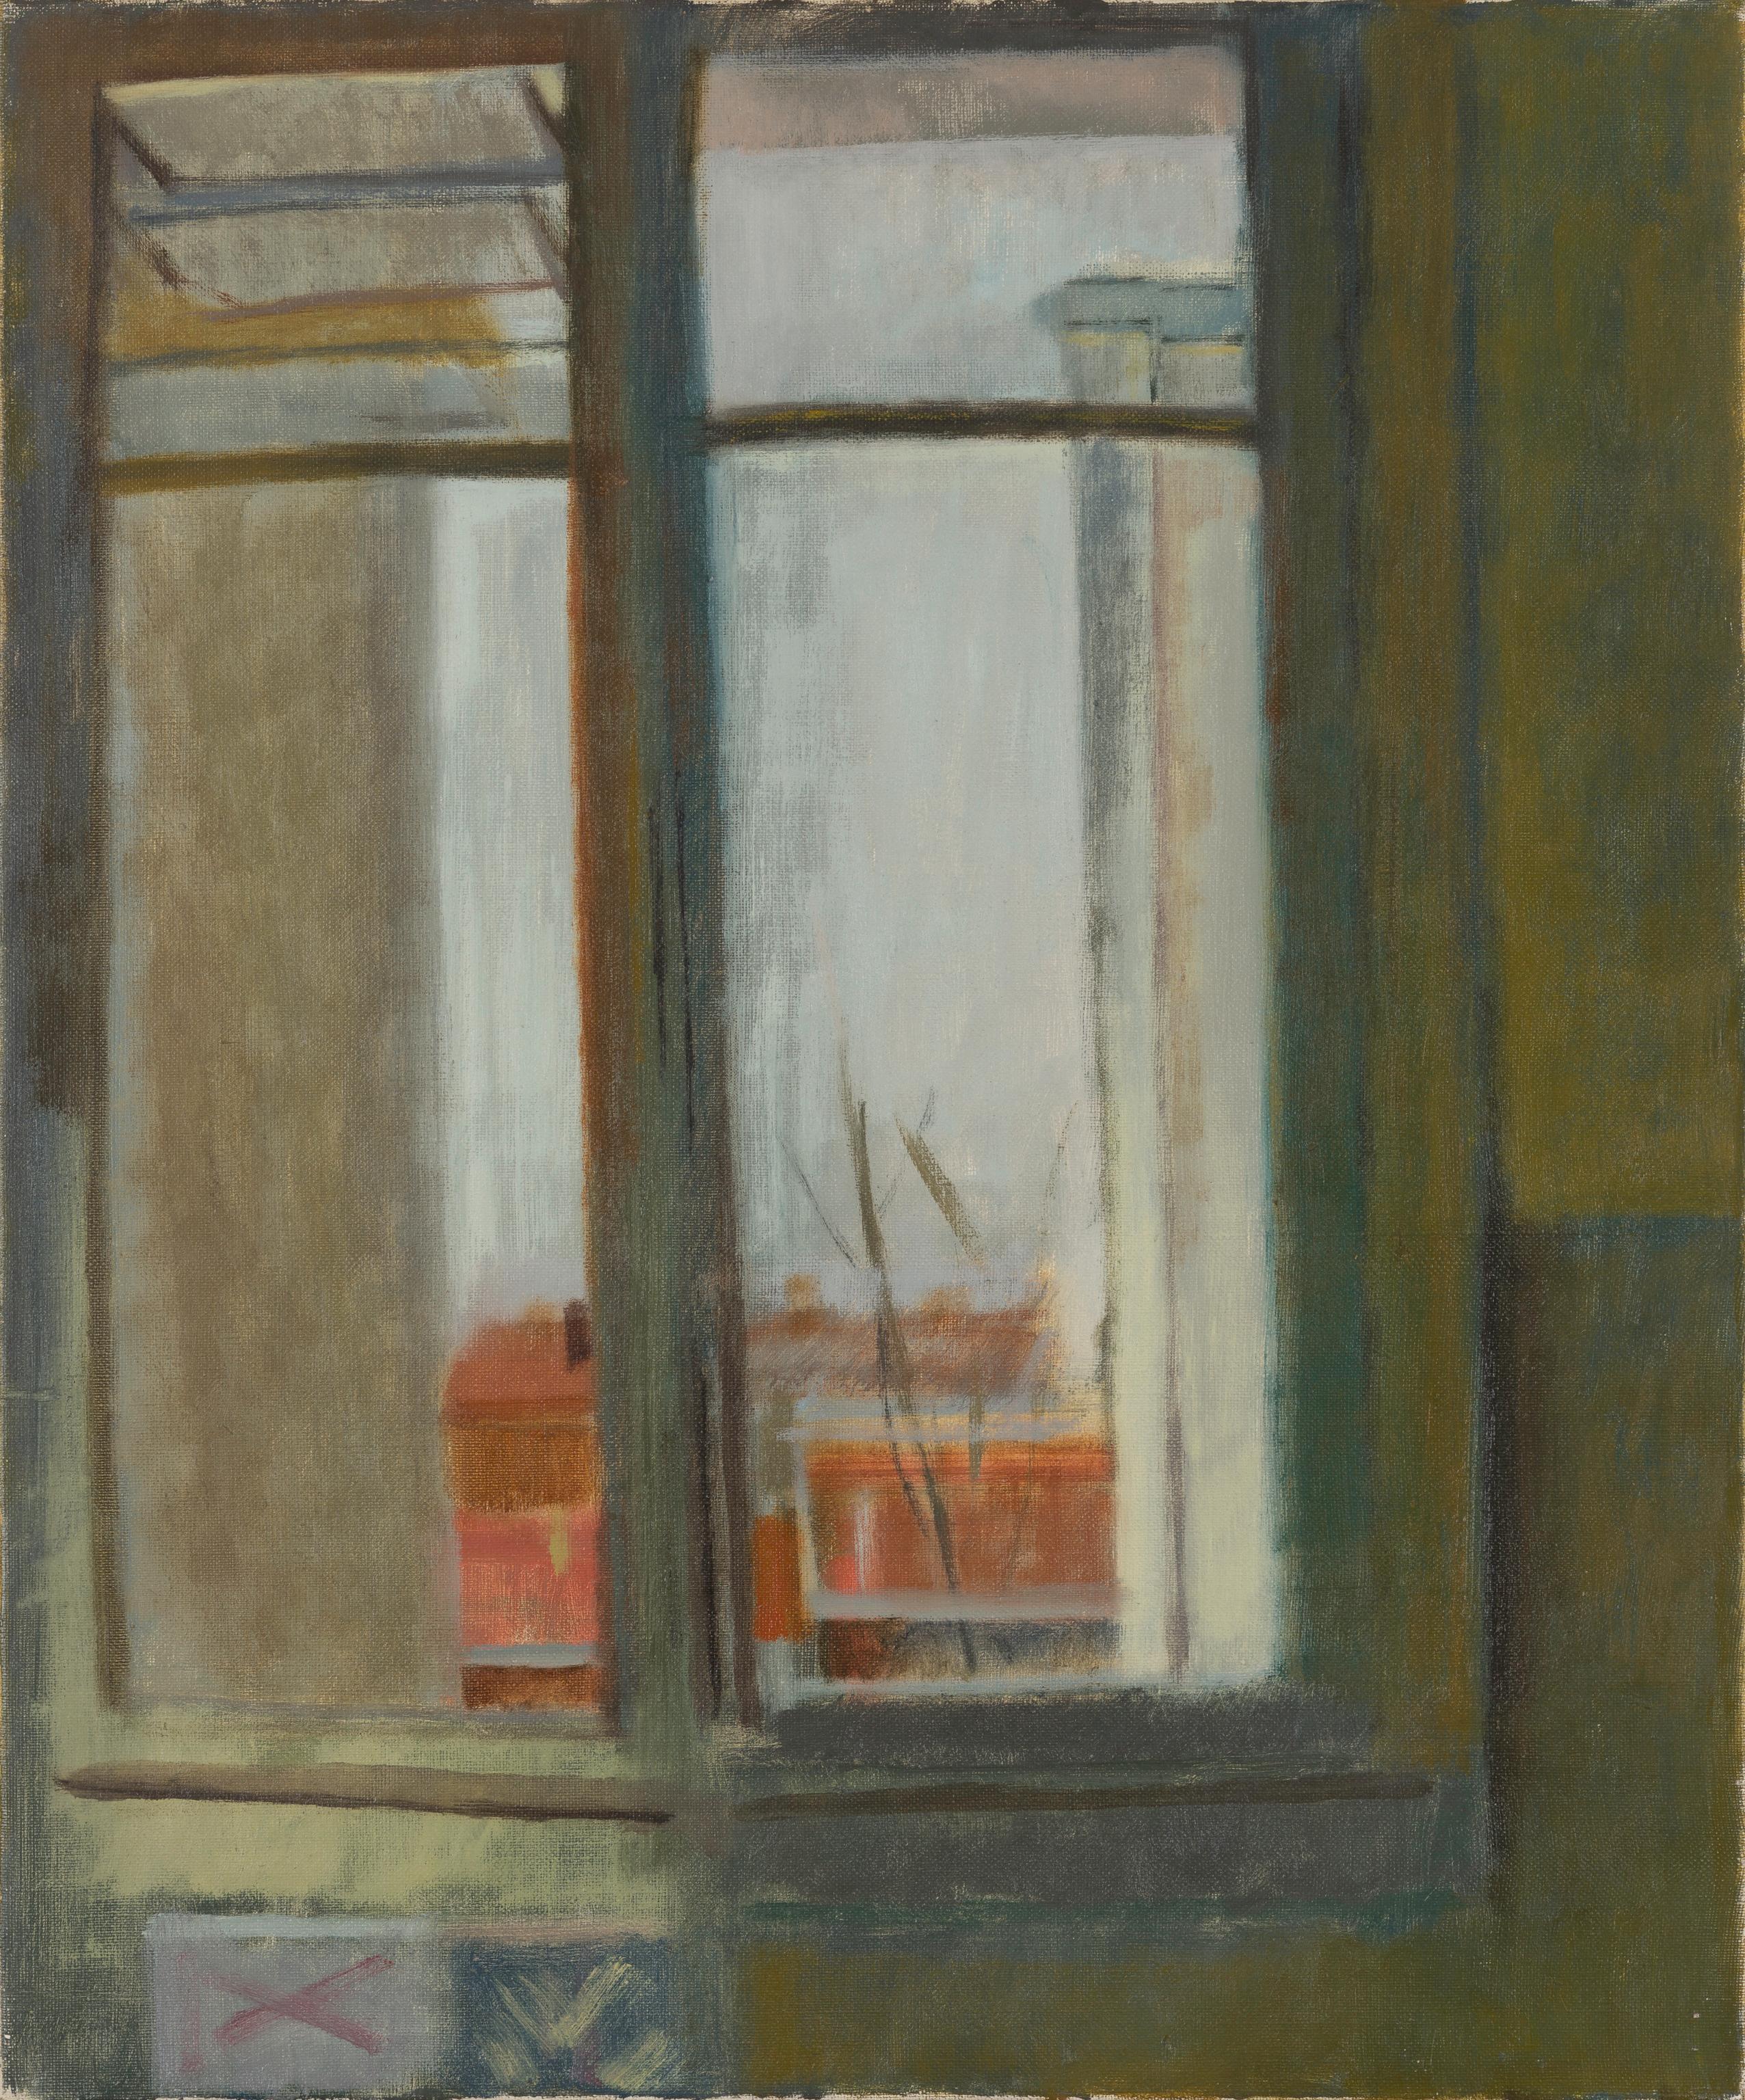 La fenêtre de la cuisine